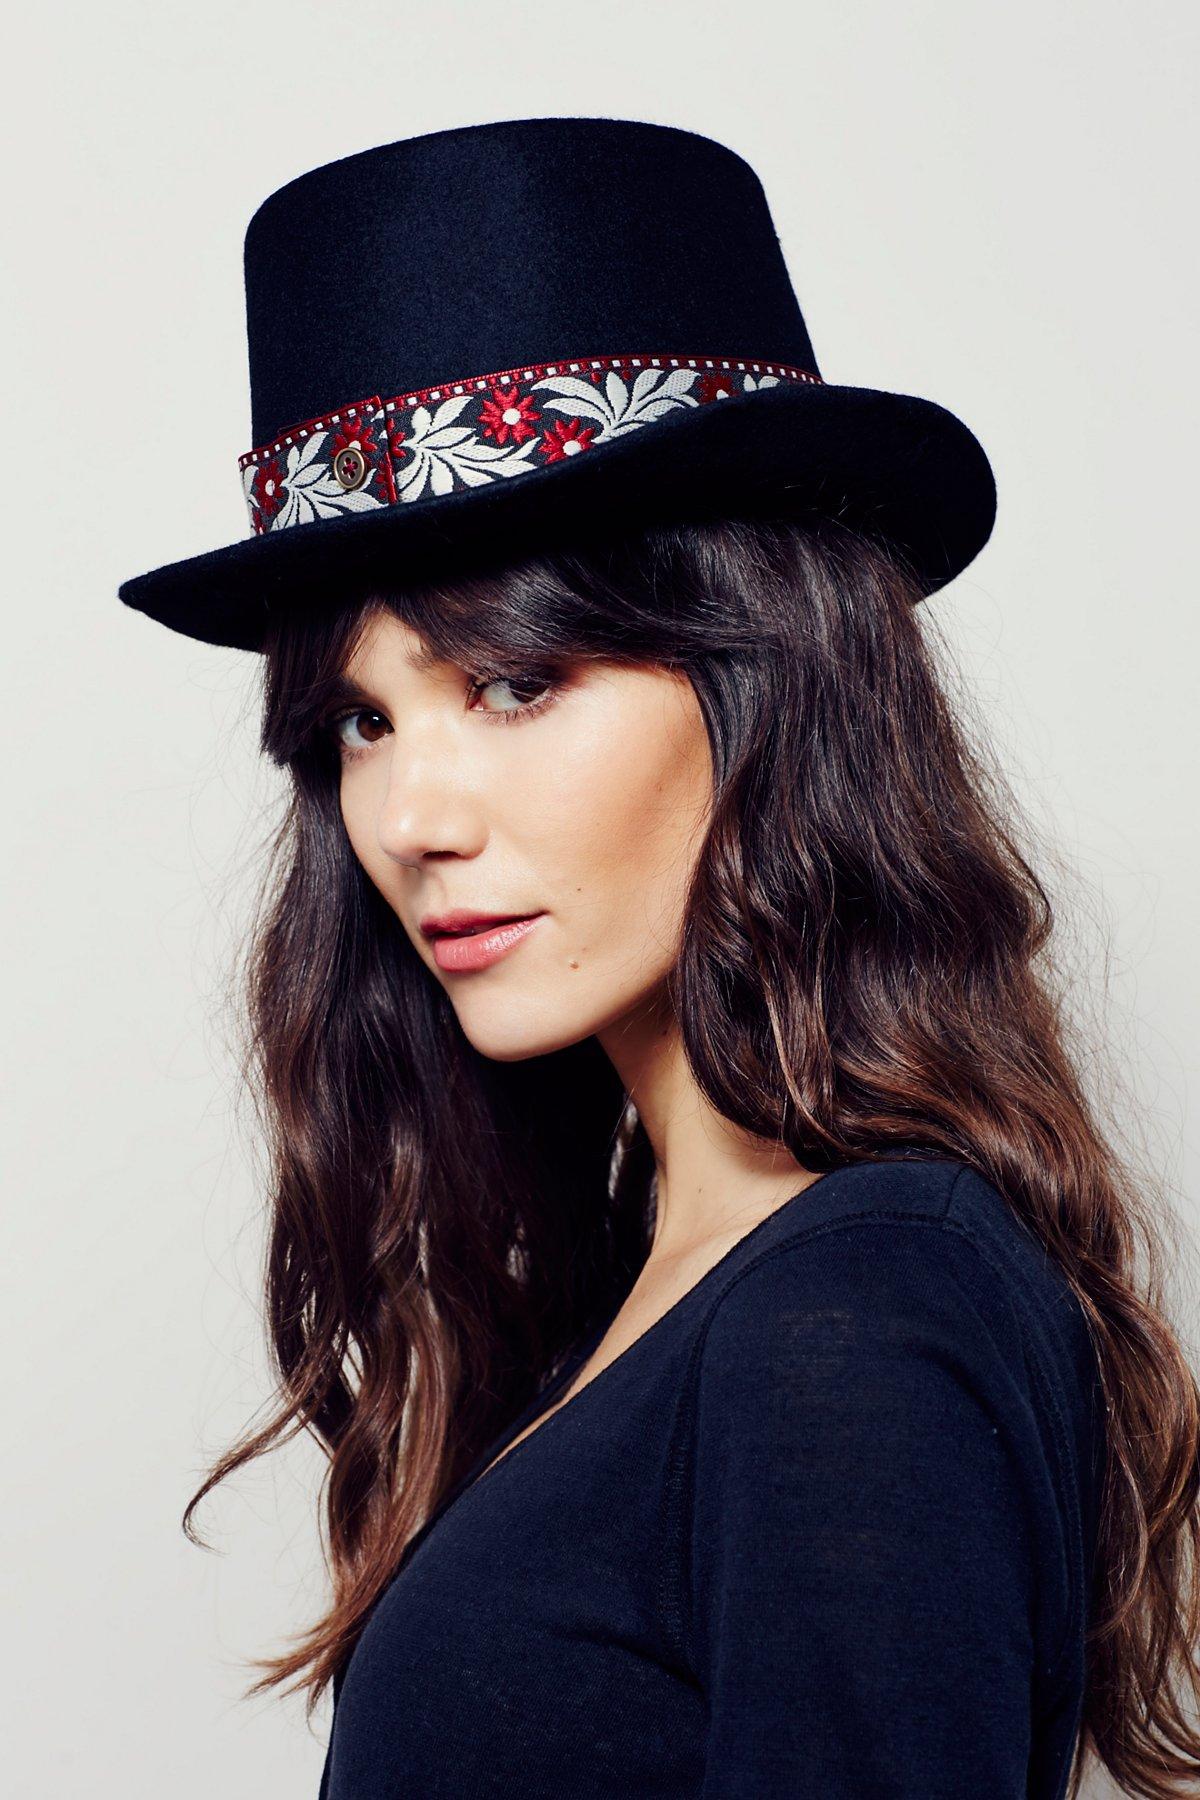 Mademoiselle平顶帽